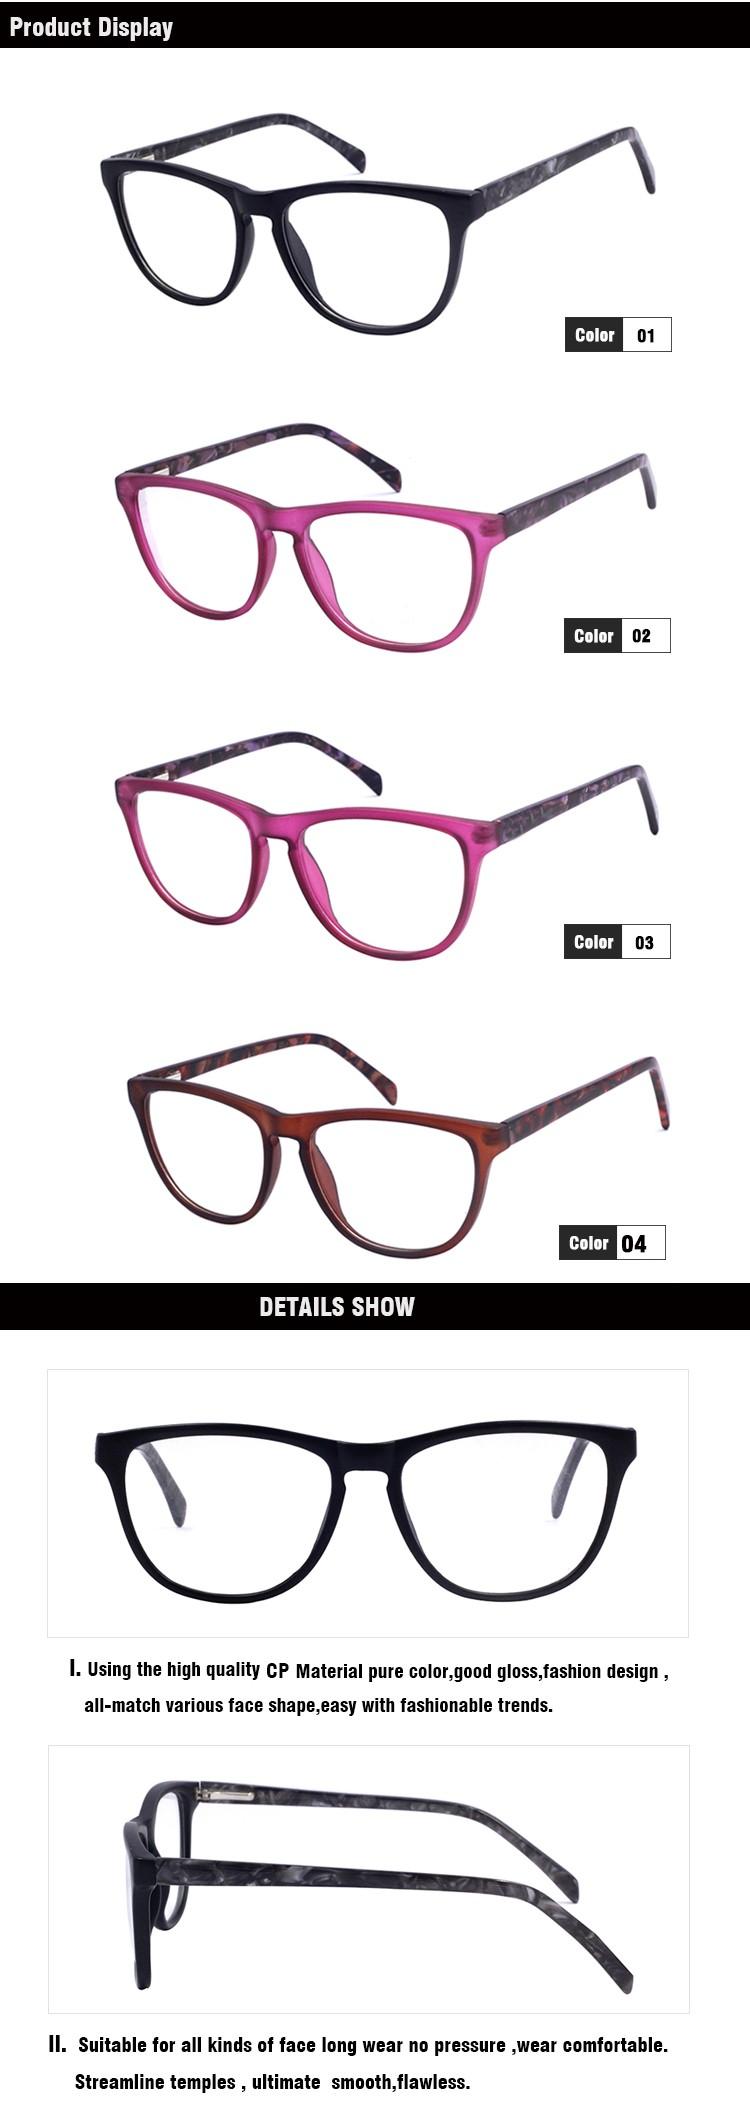 New Glasses Frames Styles 2014 : New Style 2014 Spectacle Frame Eyeglasses - Buy Frame ...